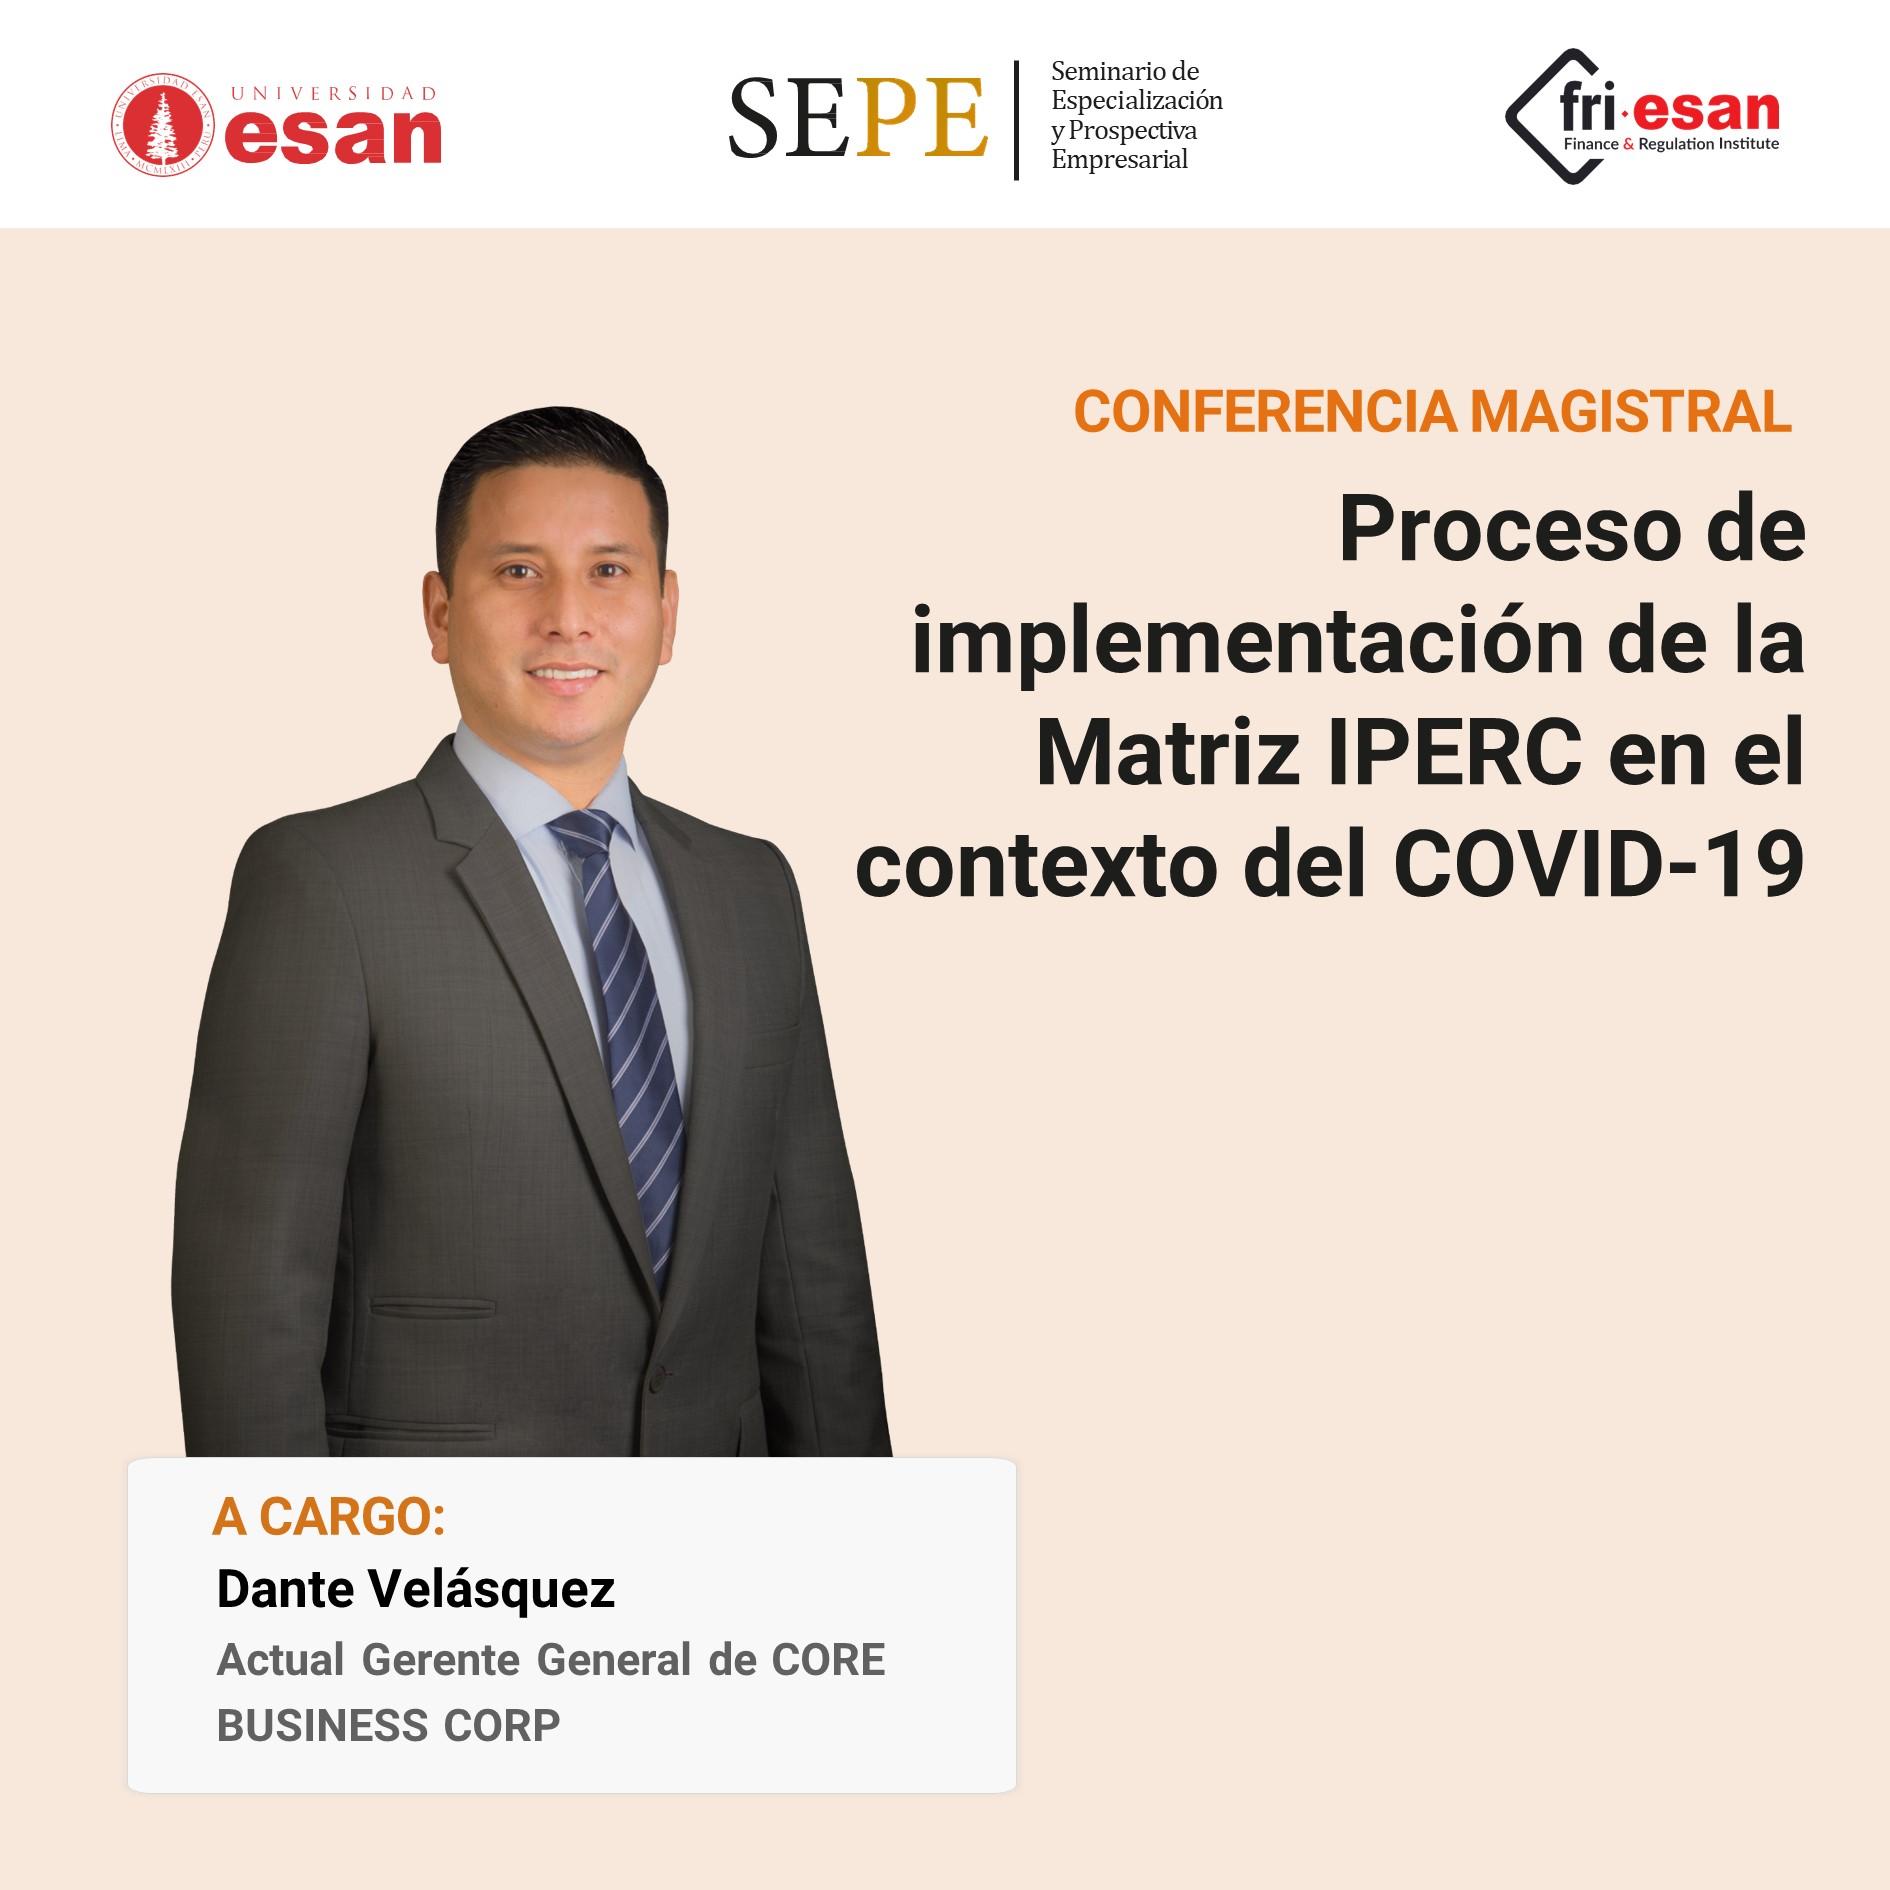 Proceso de implementación de la Matriz IPERC en el contexto del COVID-19